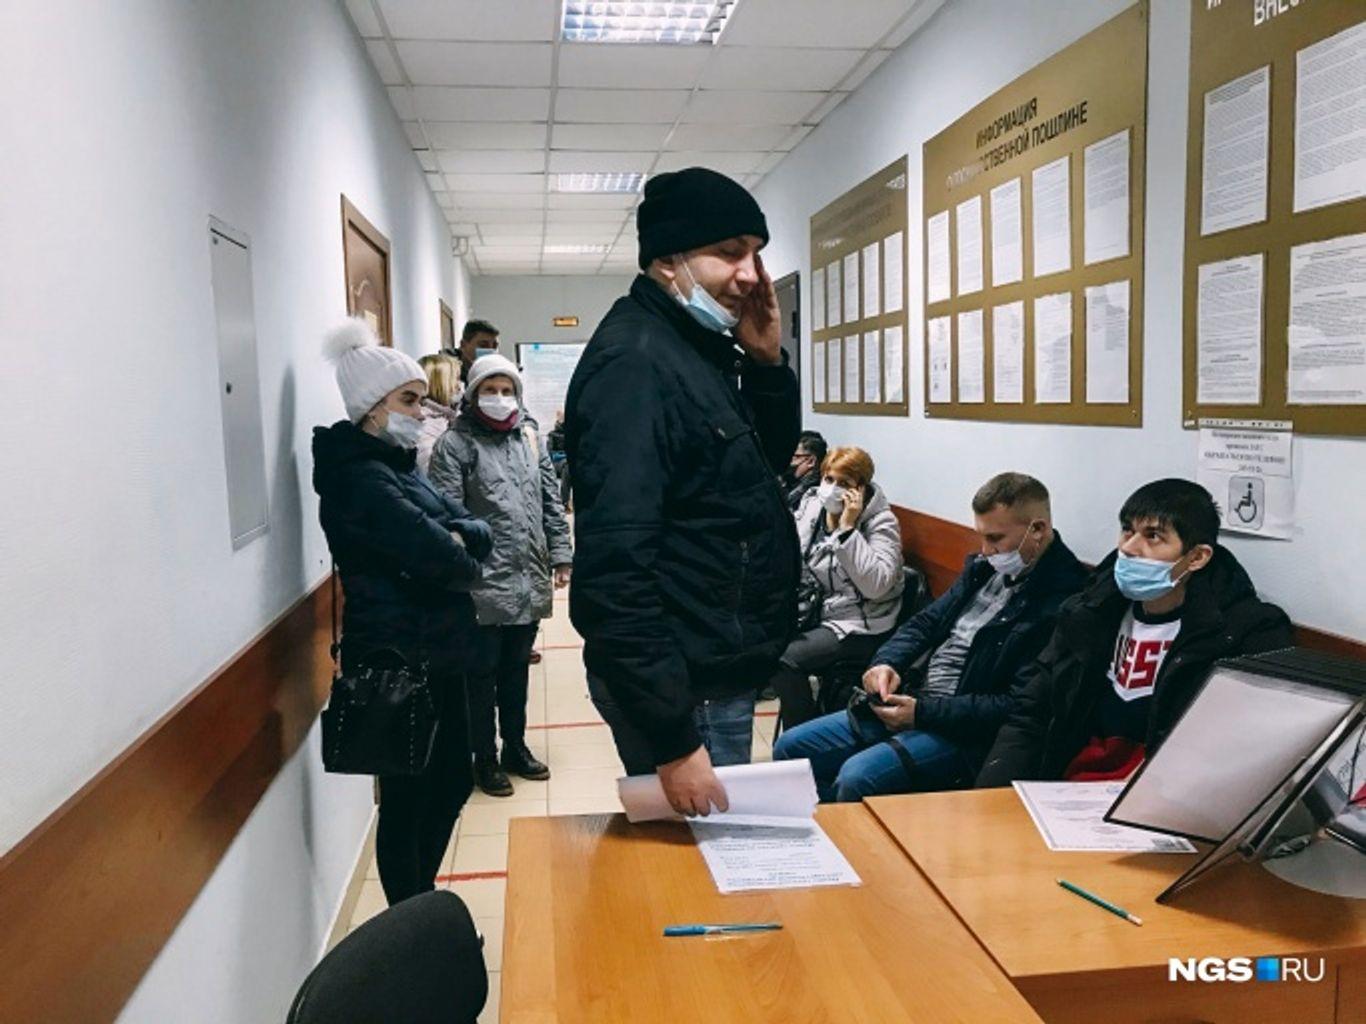 Новосибирск. Очередь в ЗАГС на получение свидетельства о смерти.